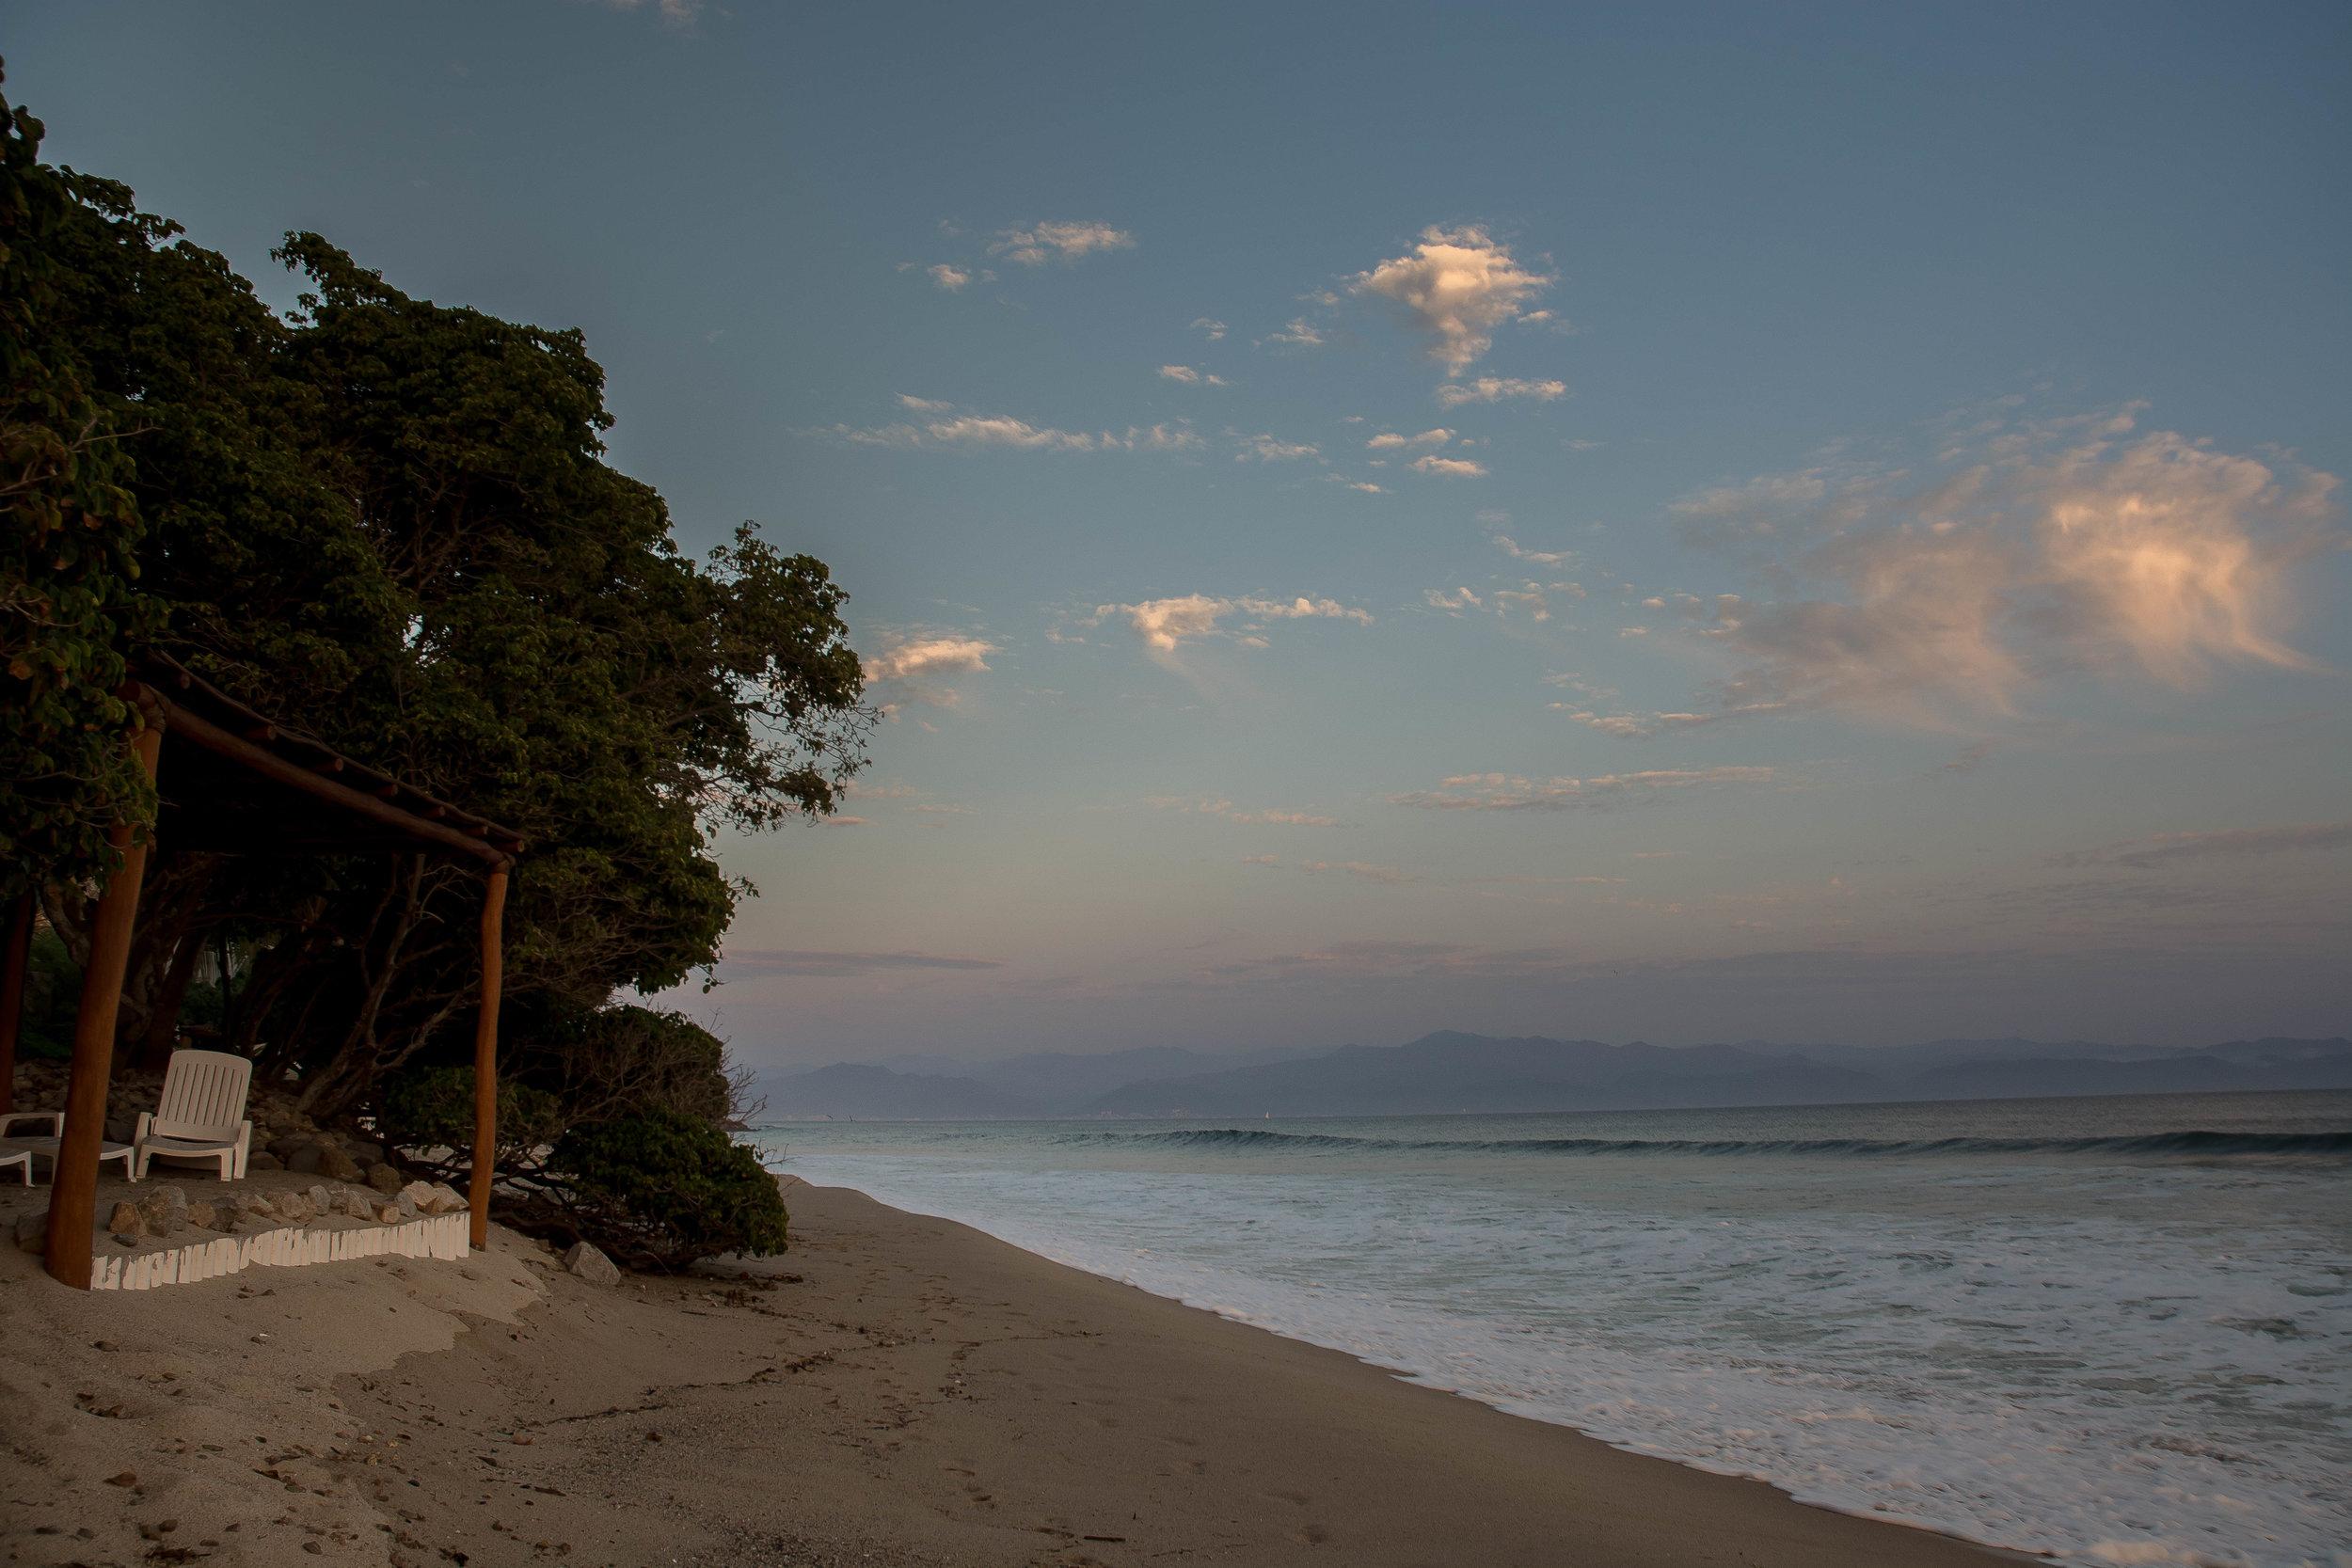 Beach at dusk.